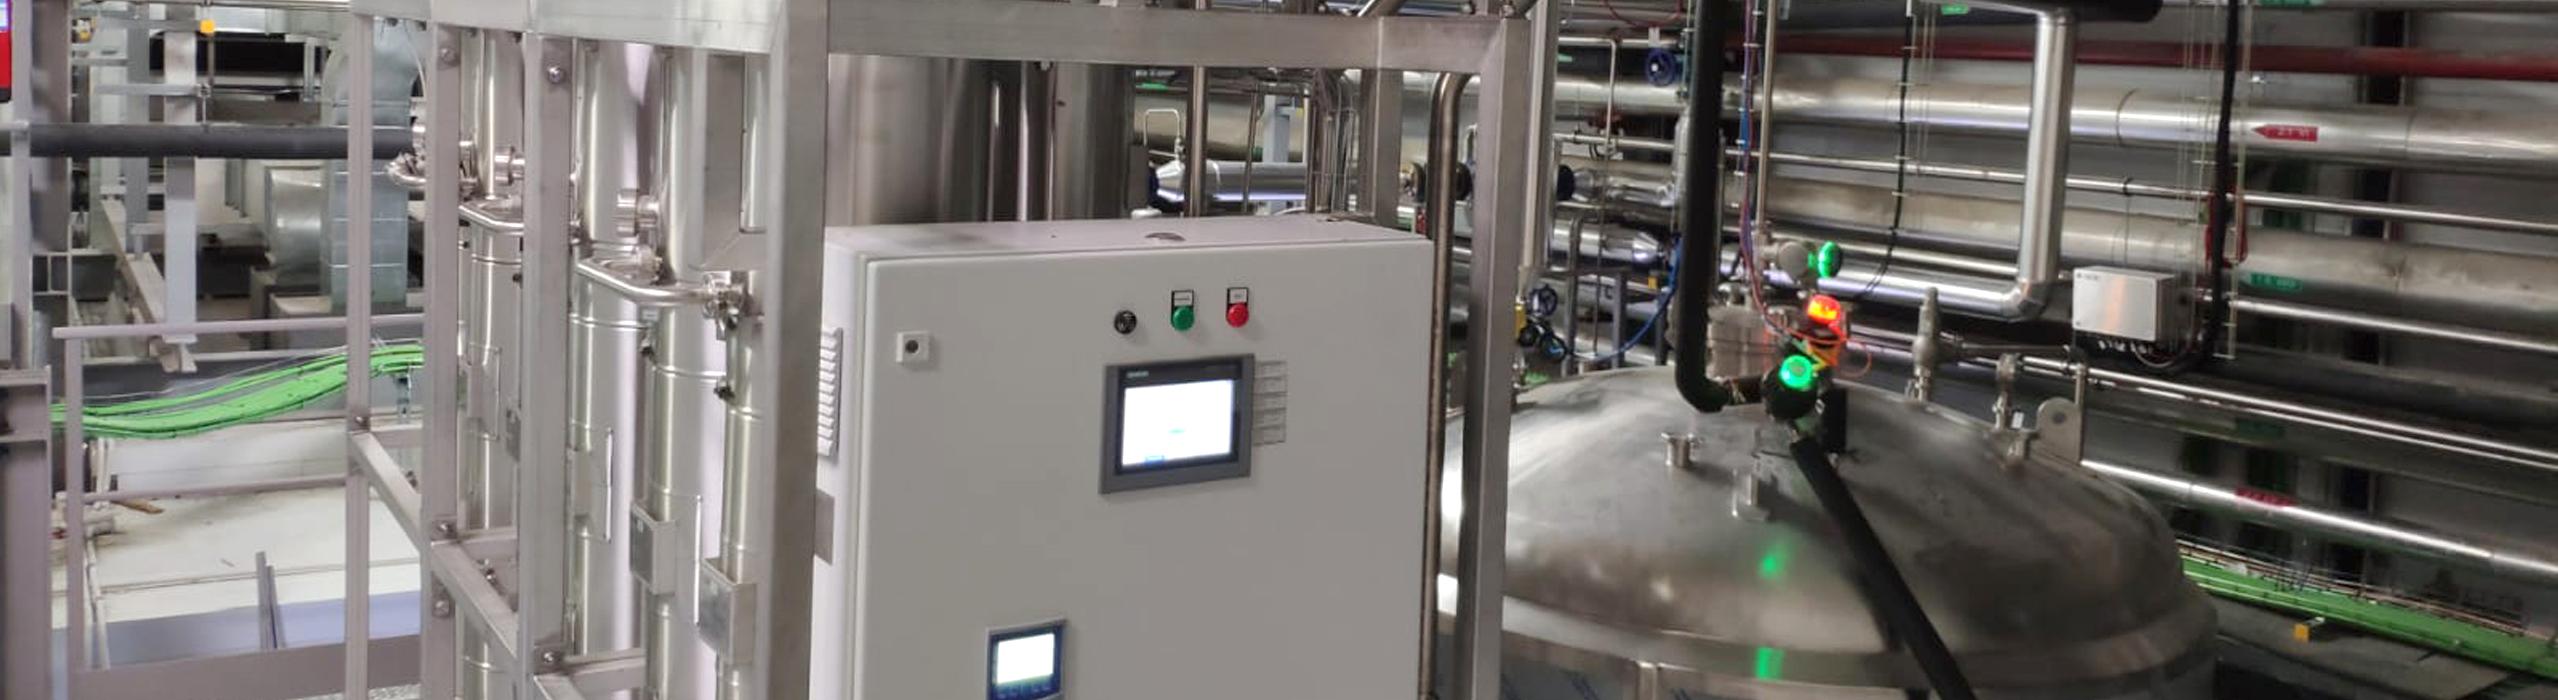 Imagen de una instalación de CIFA Instalaciones para la industria farmacéutica